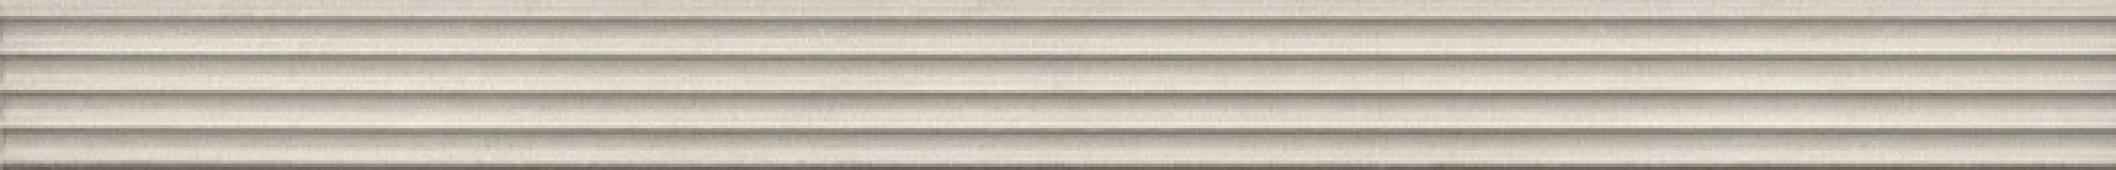 Бордюр Пикарди структура светлый 40*3,4